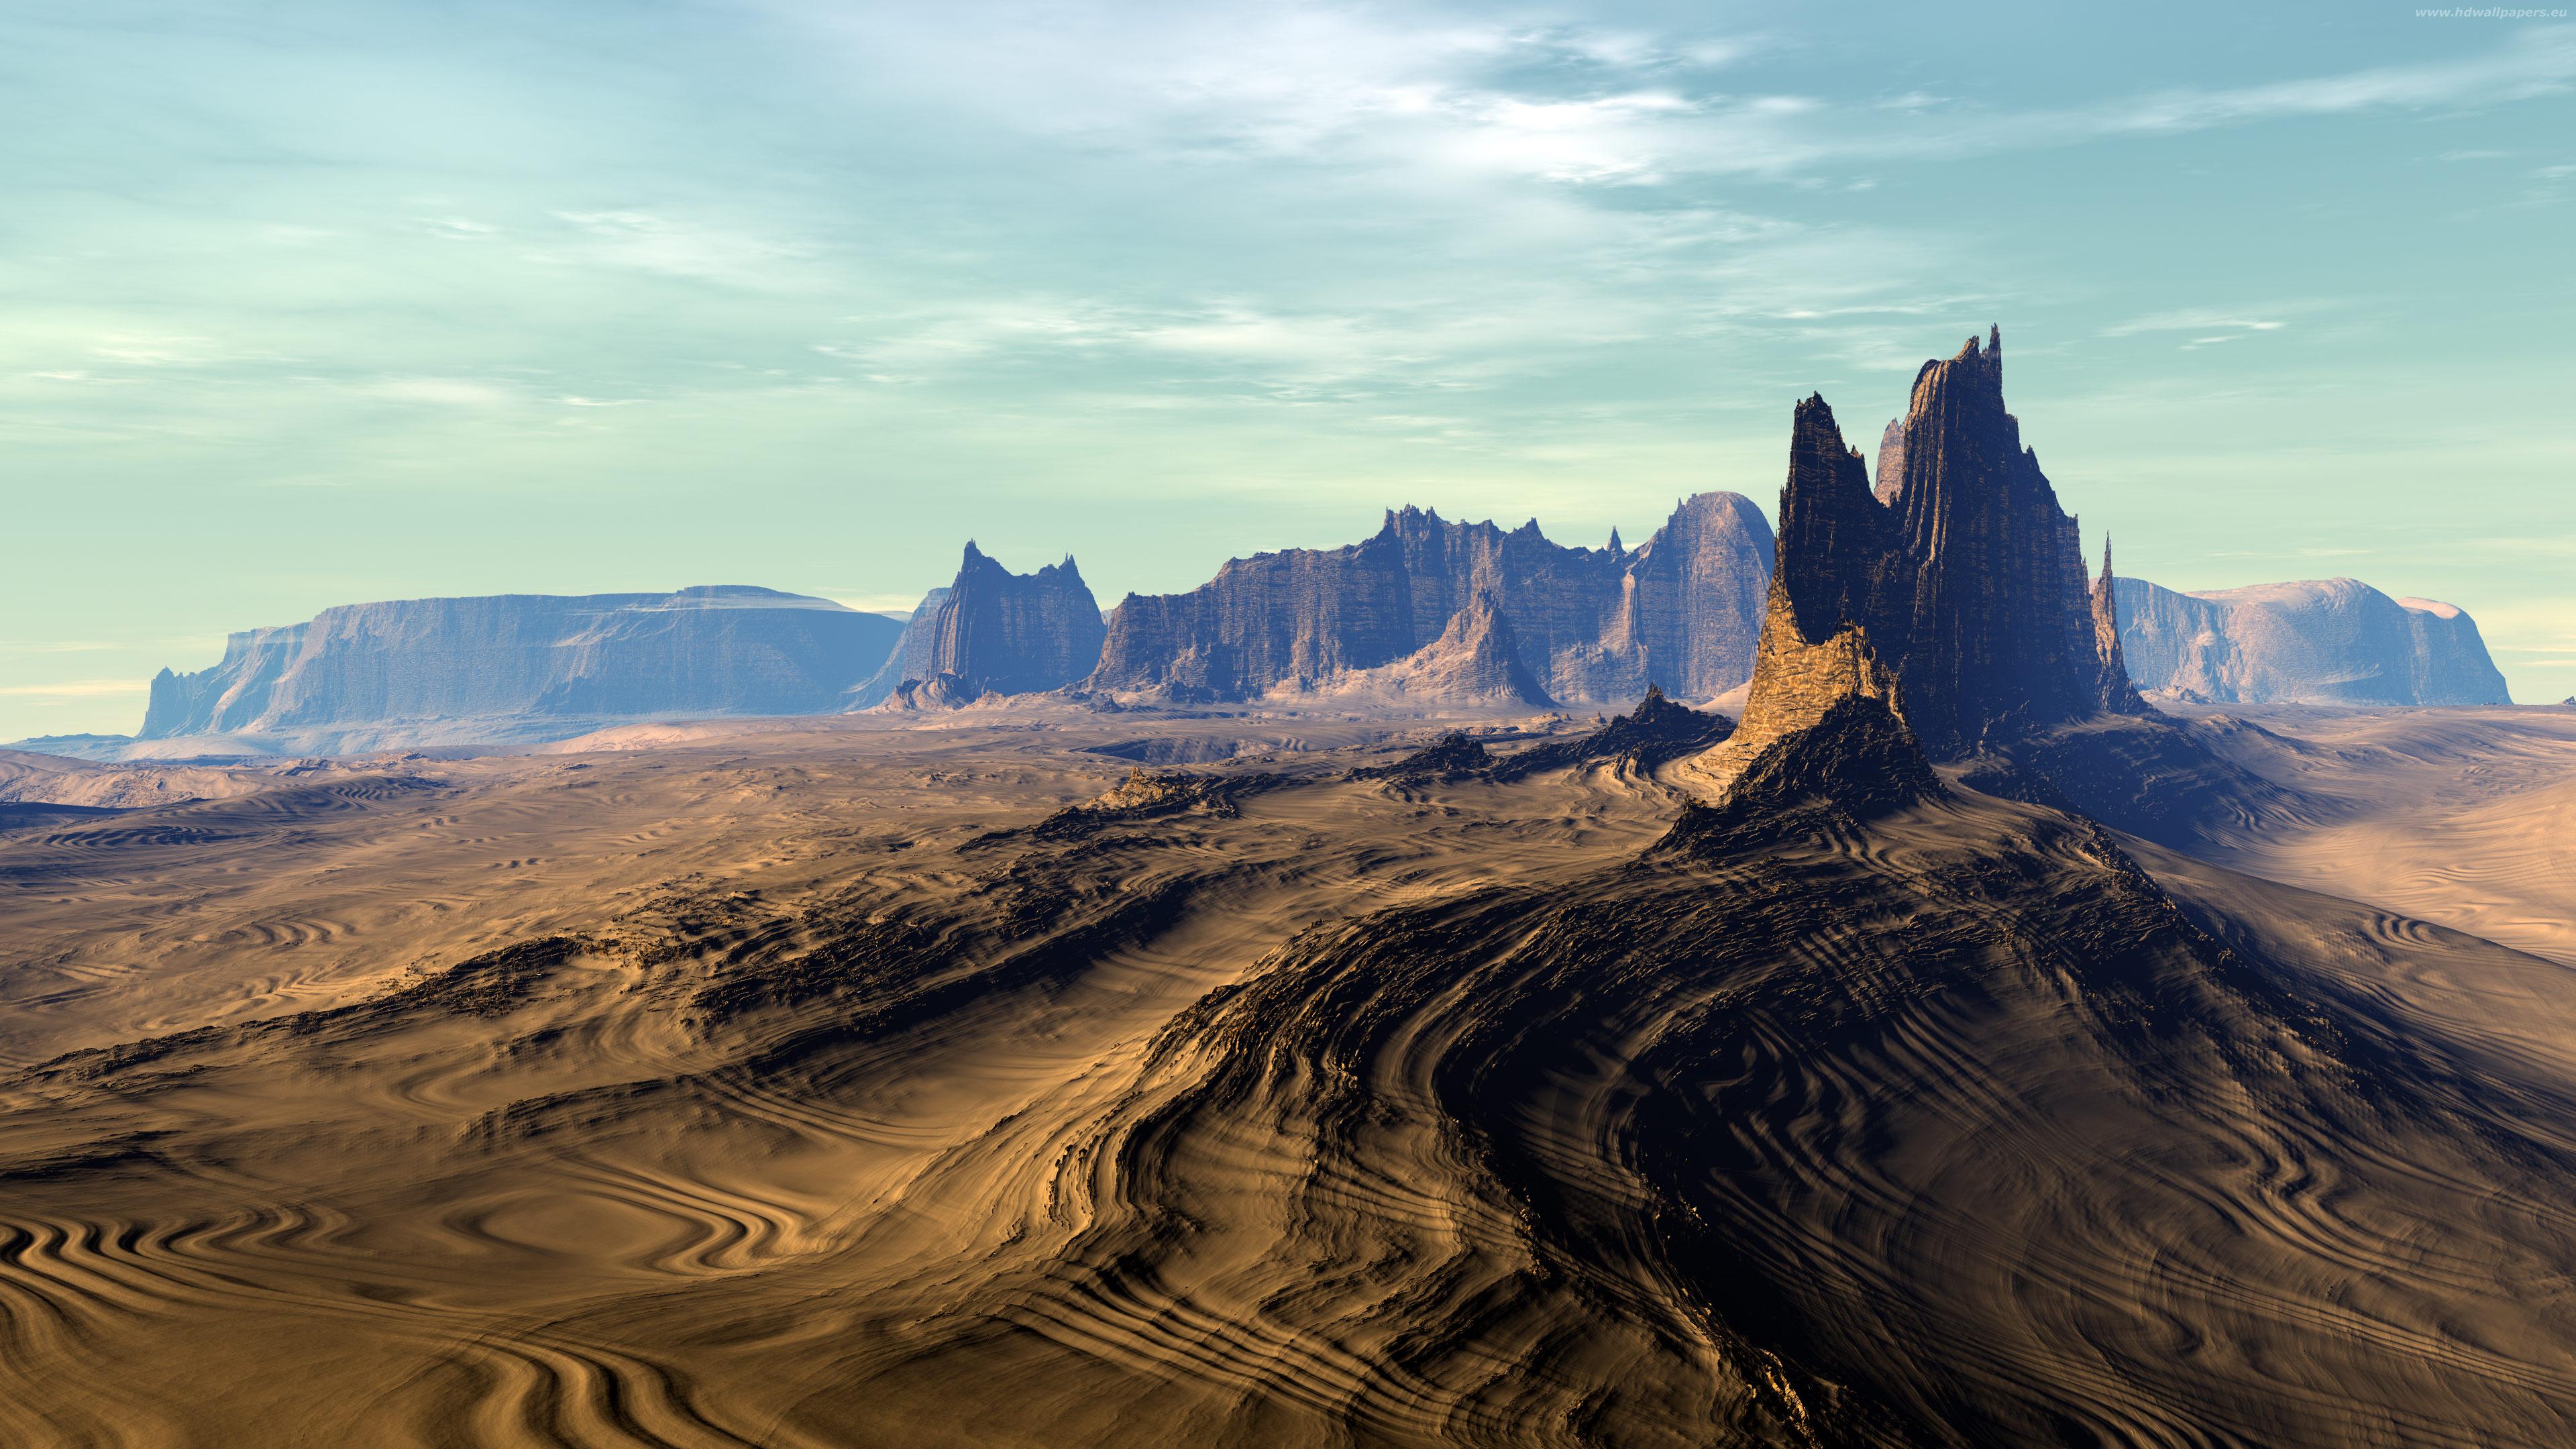 Desert Sand 4K 3840x2160 Wallpaper 7639 4K Wallpapers 3840x2160